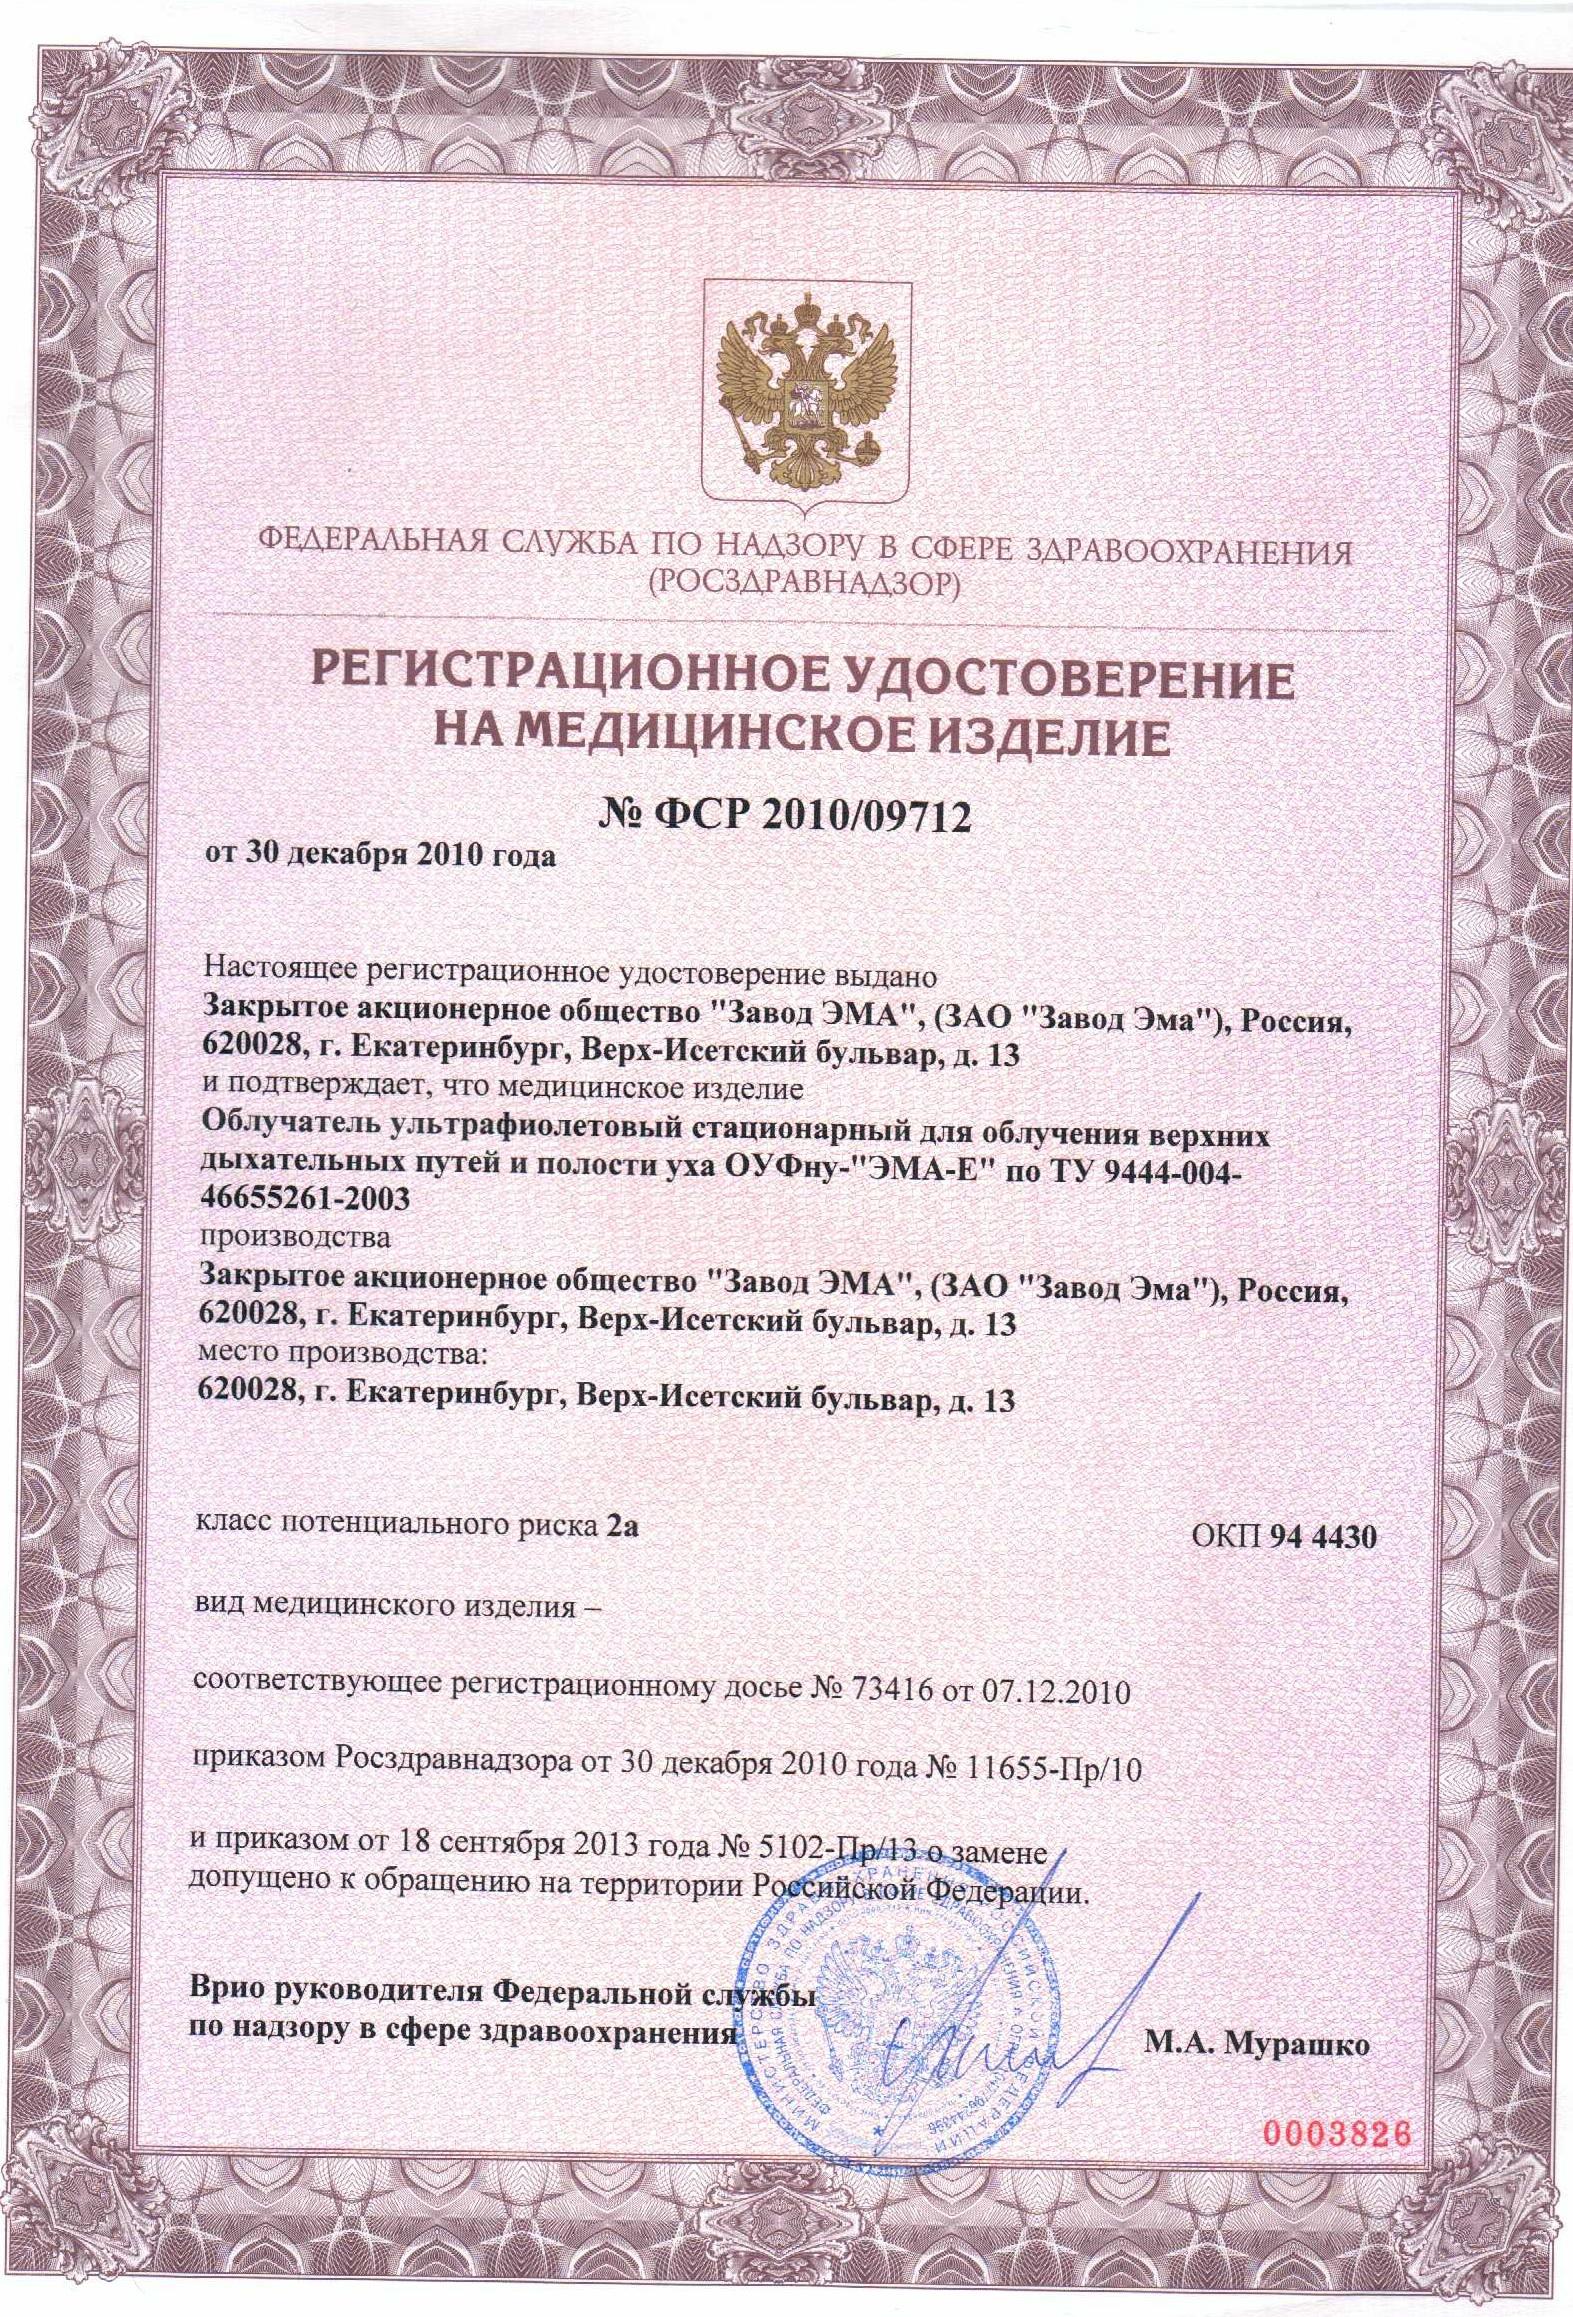 Регистрационное удостоверение на облучатель ОУФНУ